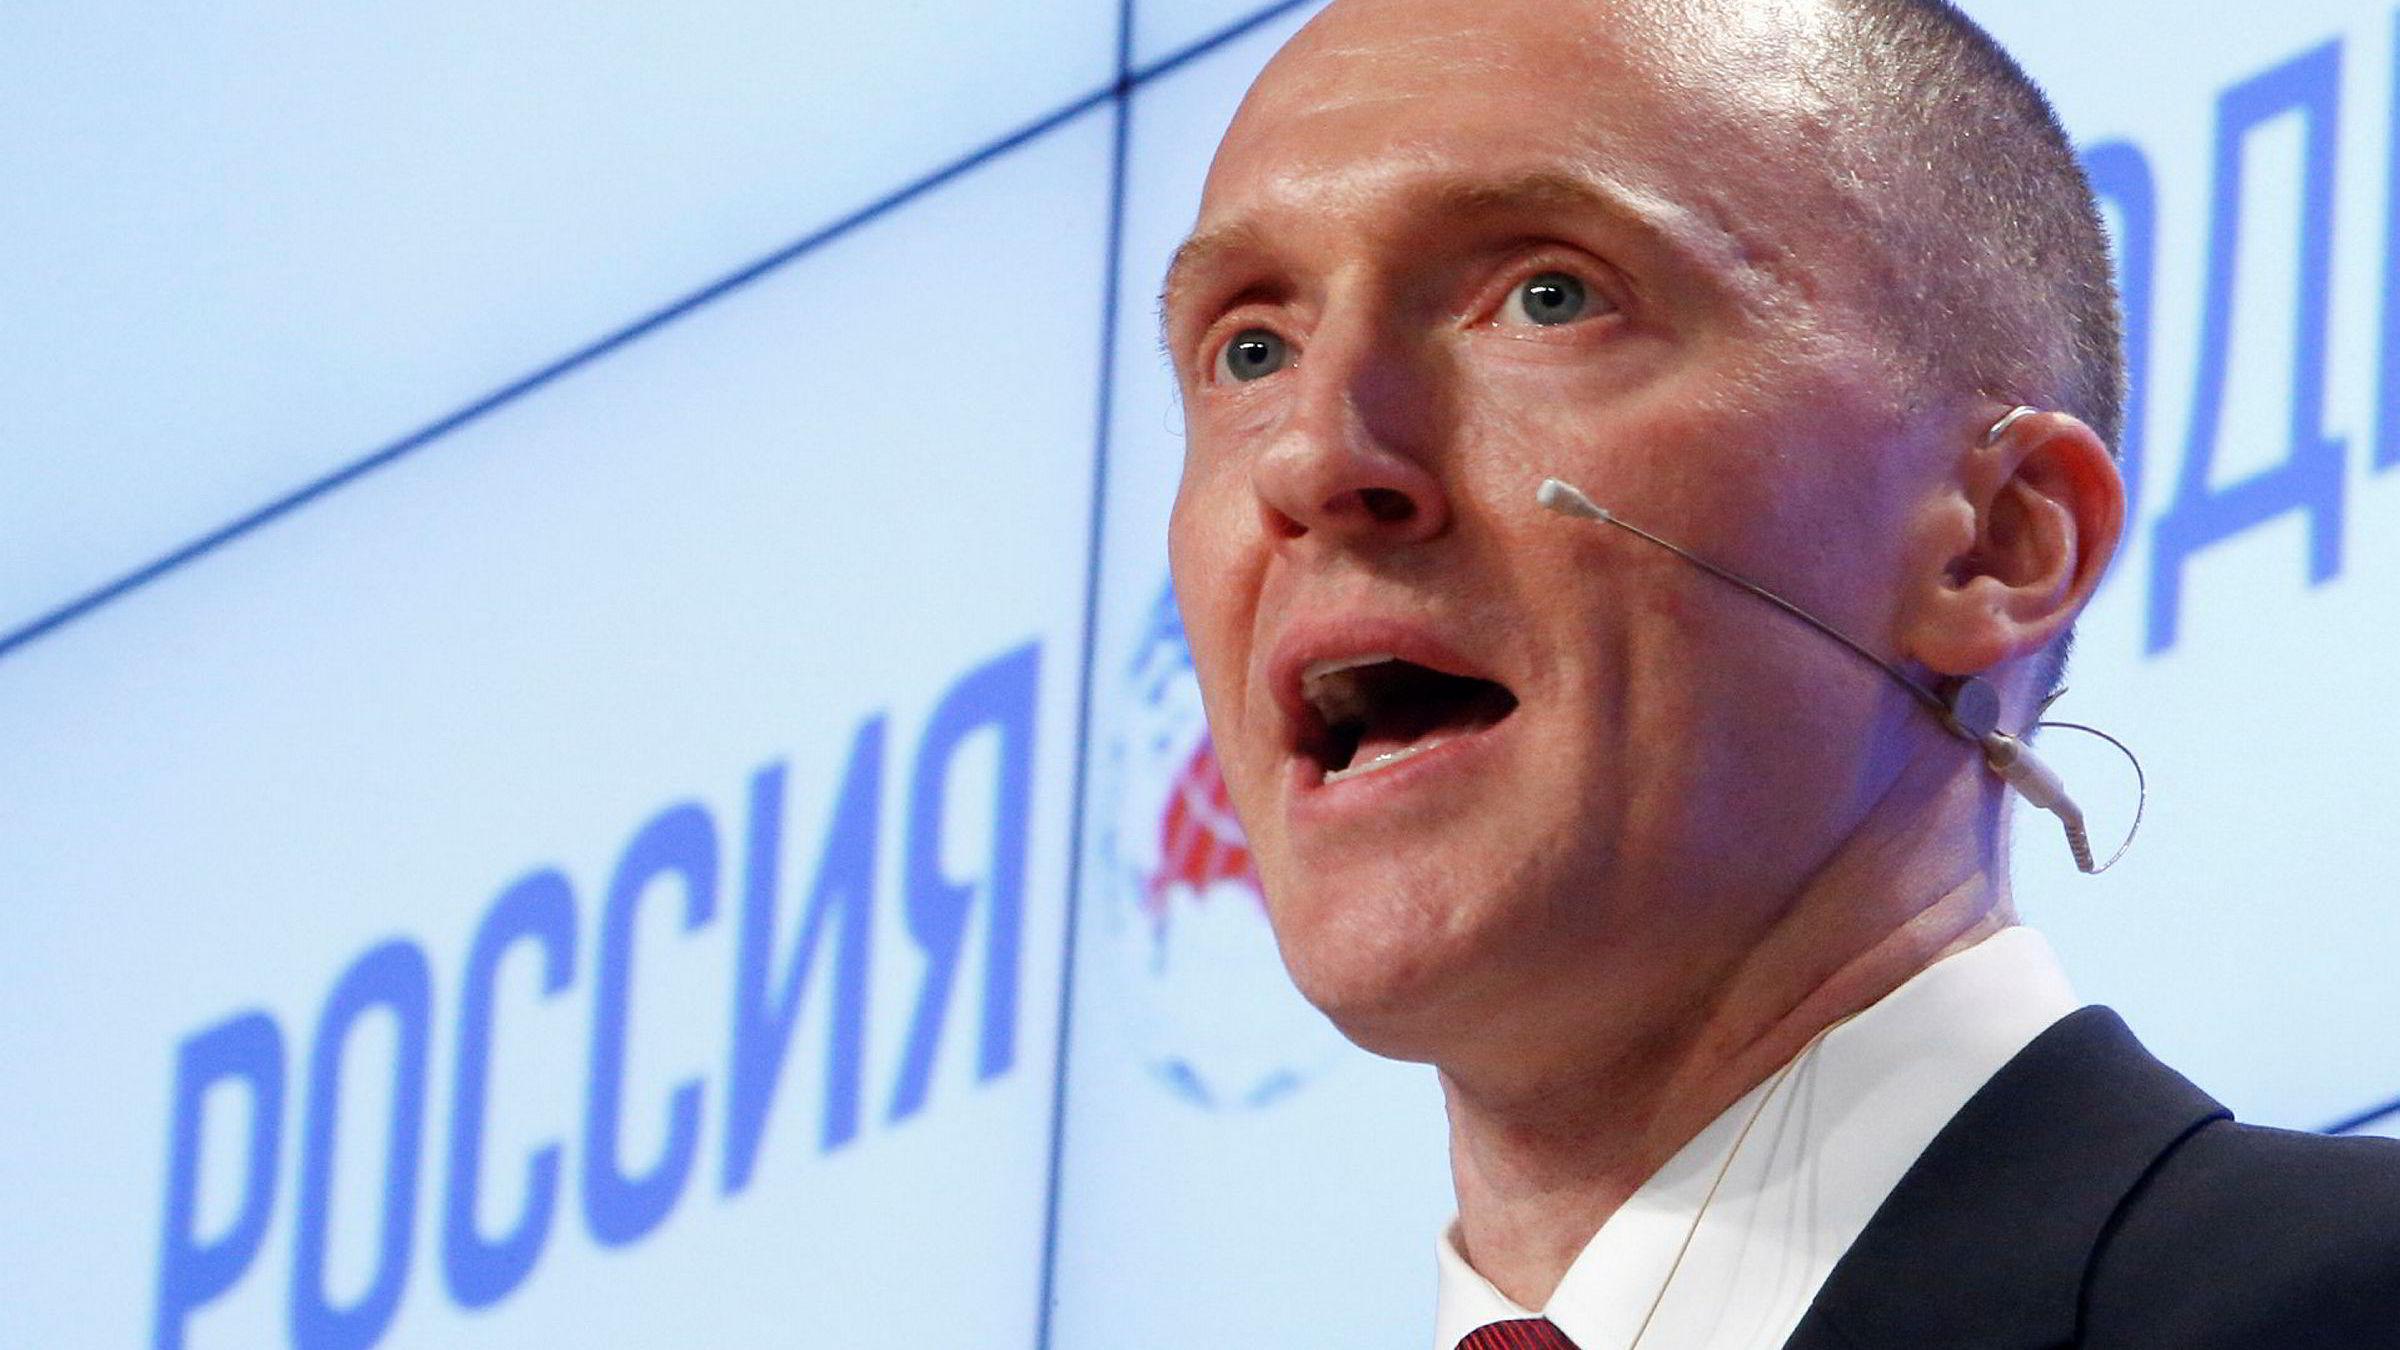 Donald Trumps valgkamprådgiver Carter Page ble overvåket av FBI. Bildet er fra en presentasjon i Moskva i 2016.